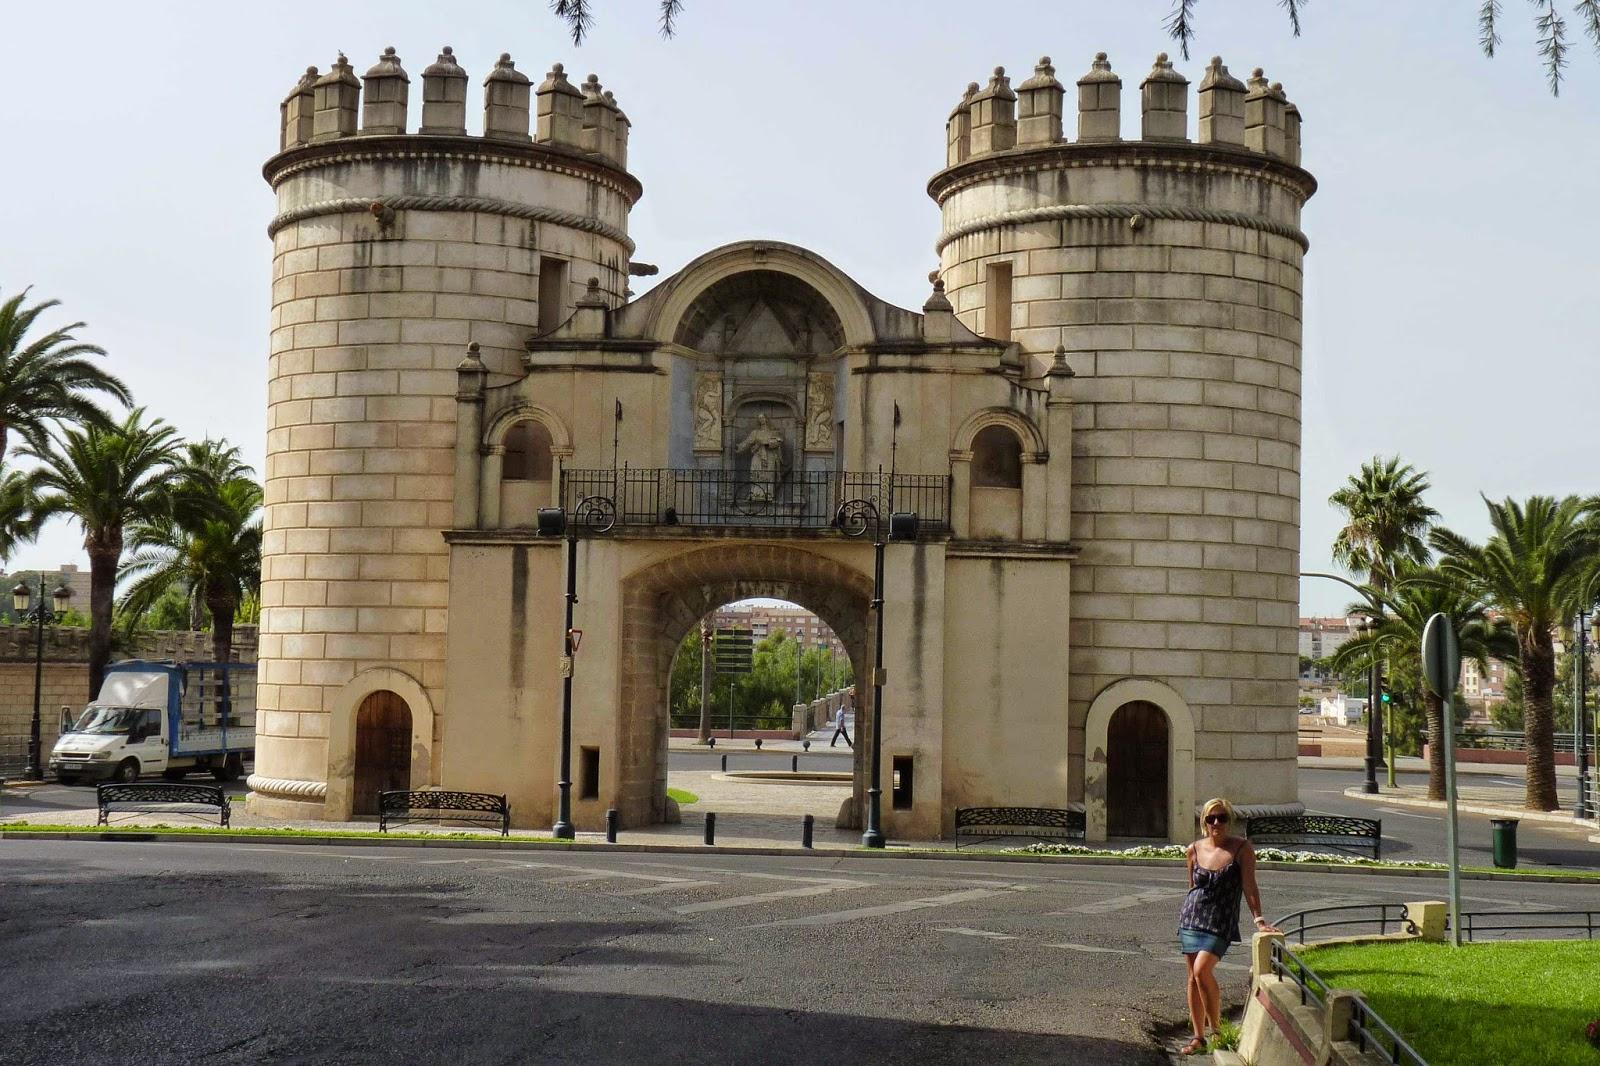 Fachada interior de la Puerta de Palmas.